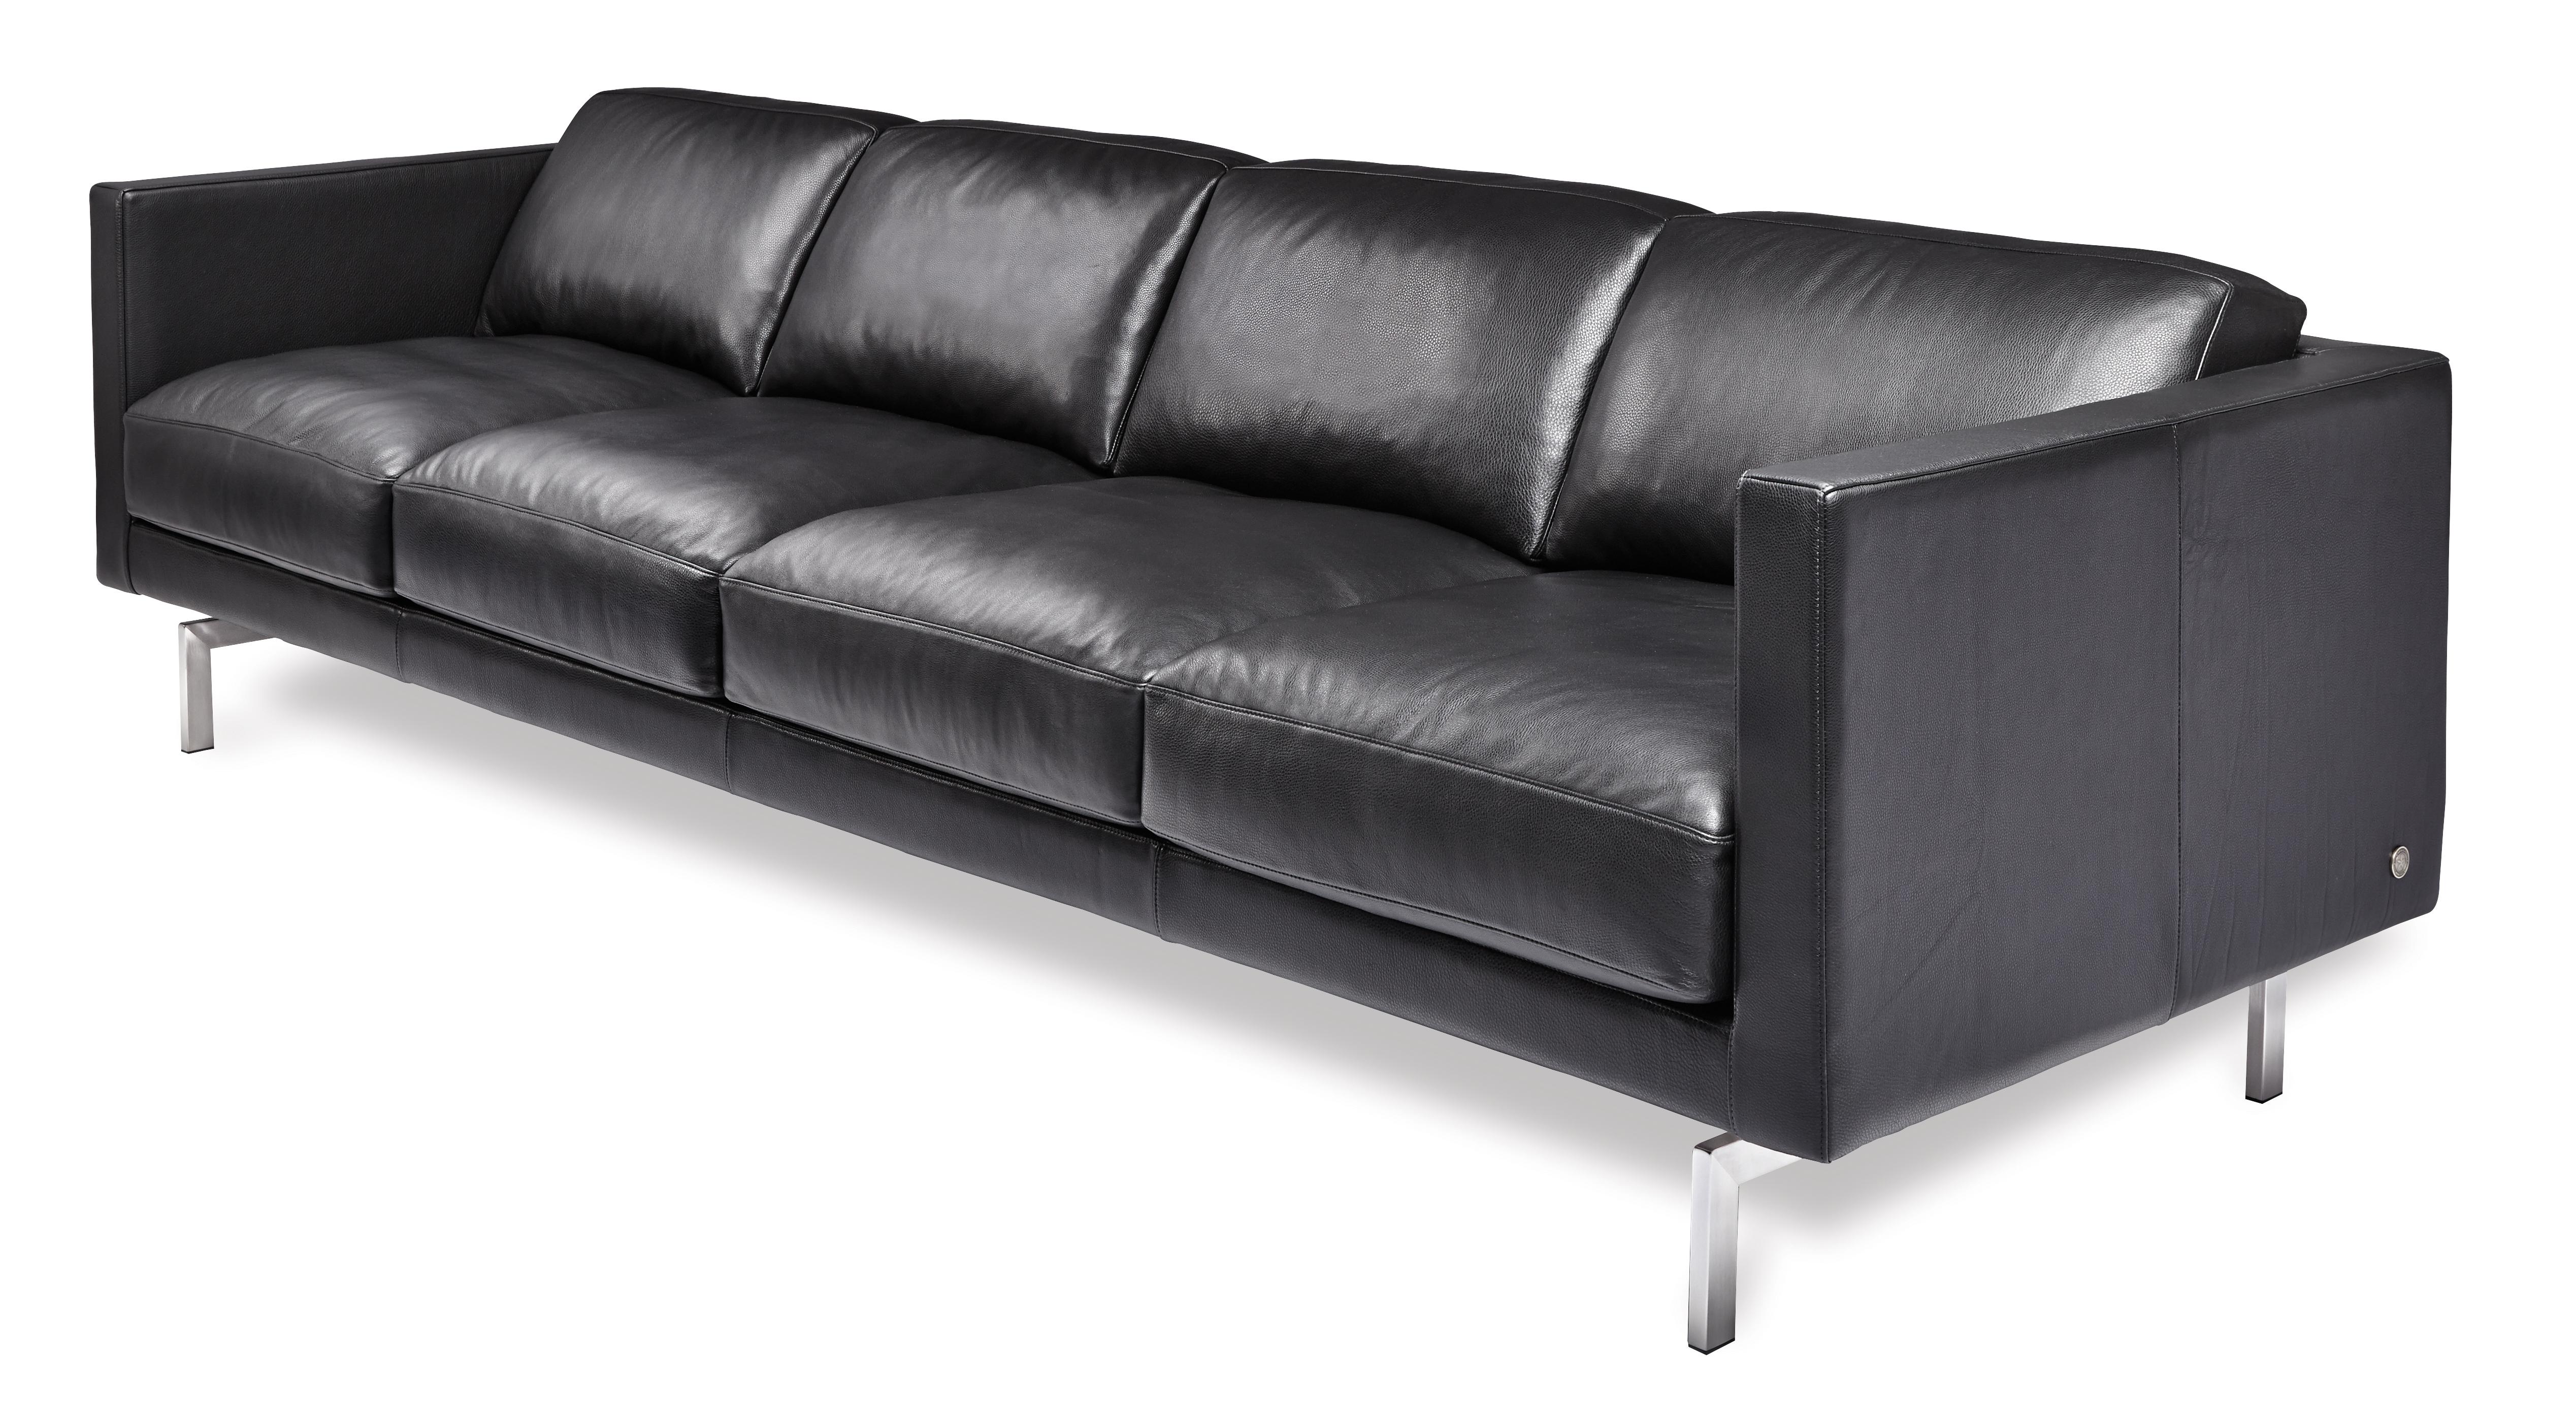 American Leather Kennan 4 seat sofa